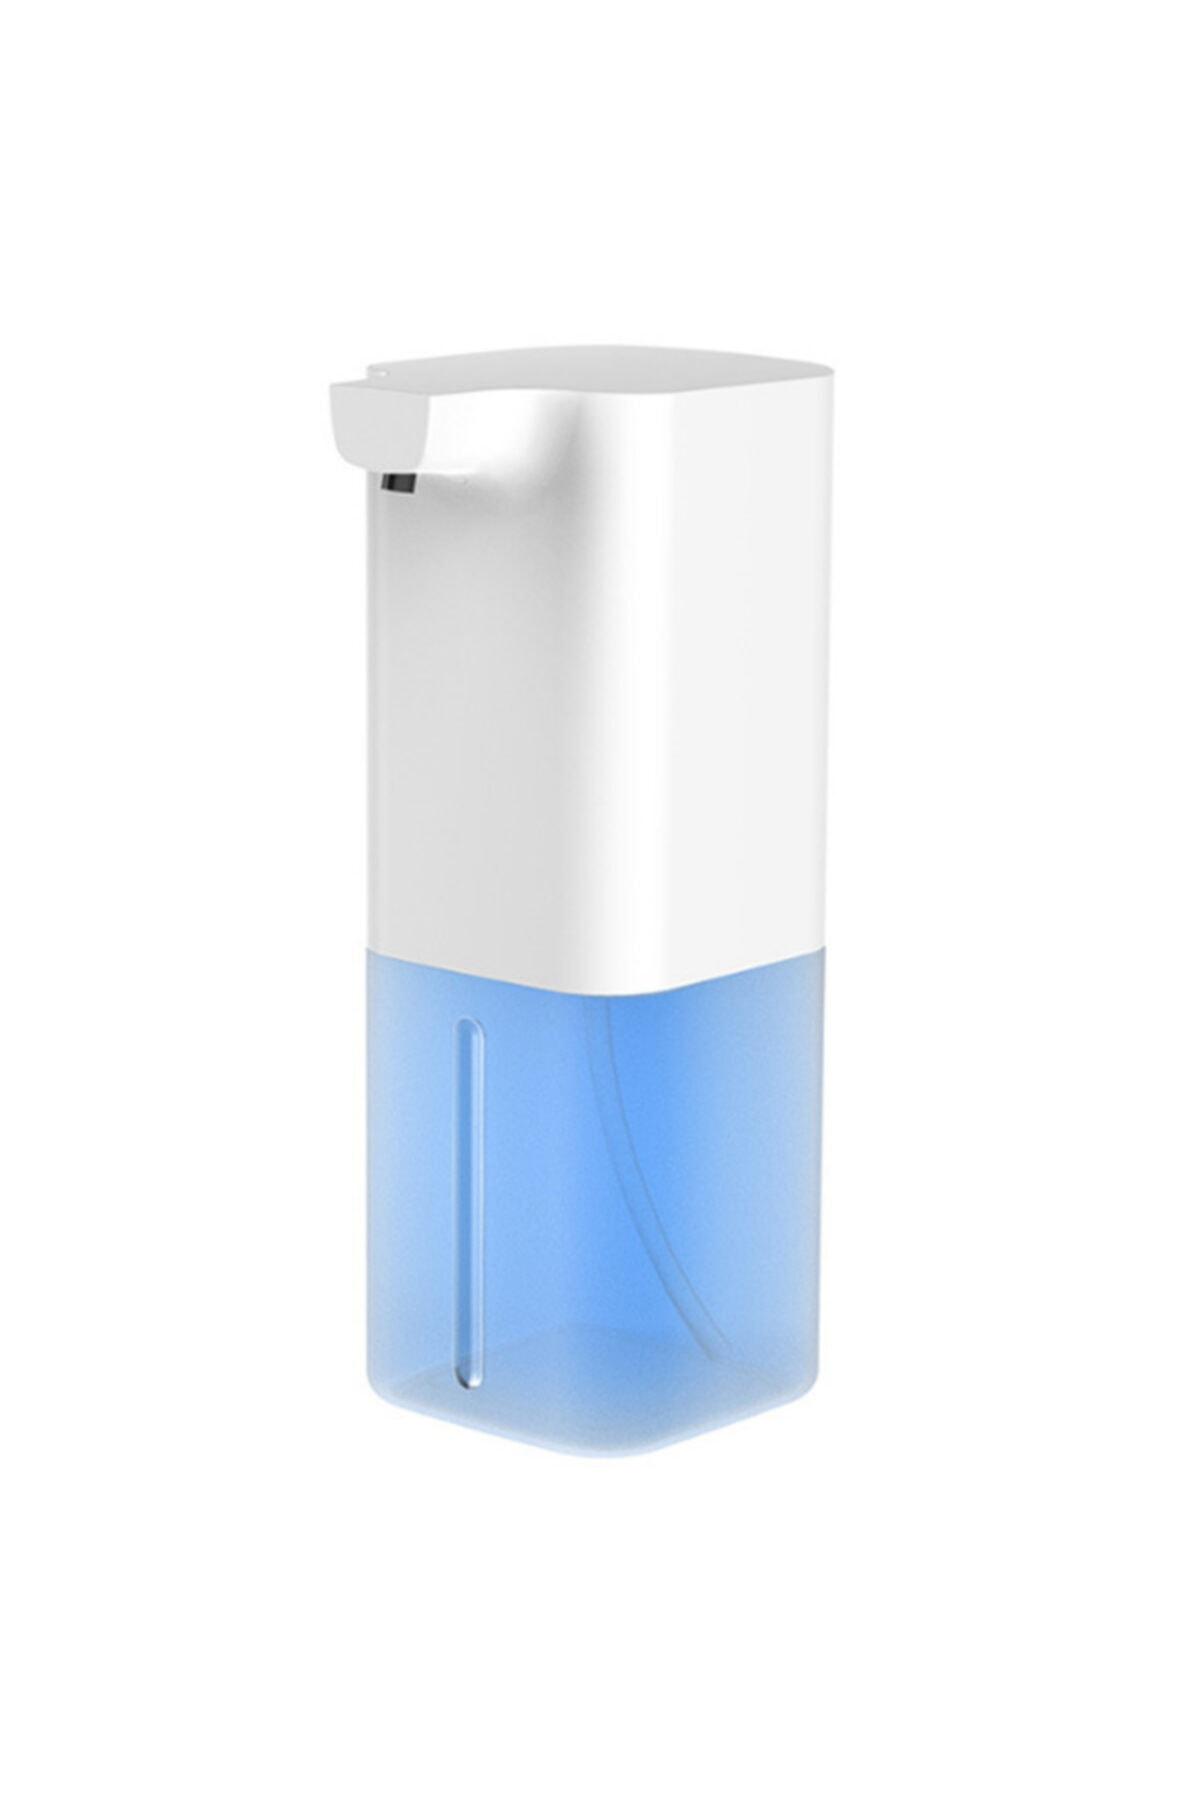 EZERE Sensörlü Sıvı Sabunluk Otomatik Köpük Makinesi 1